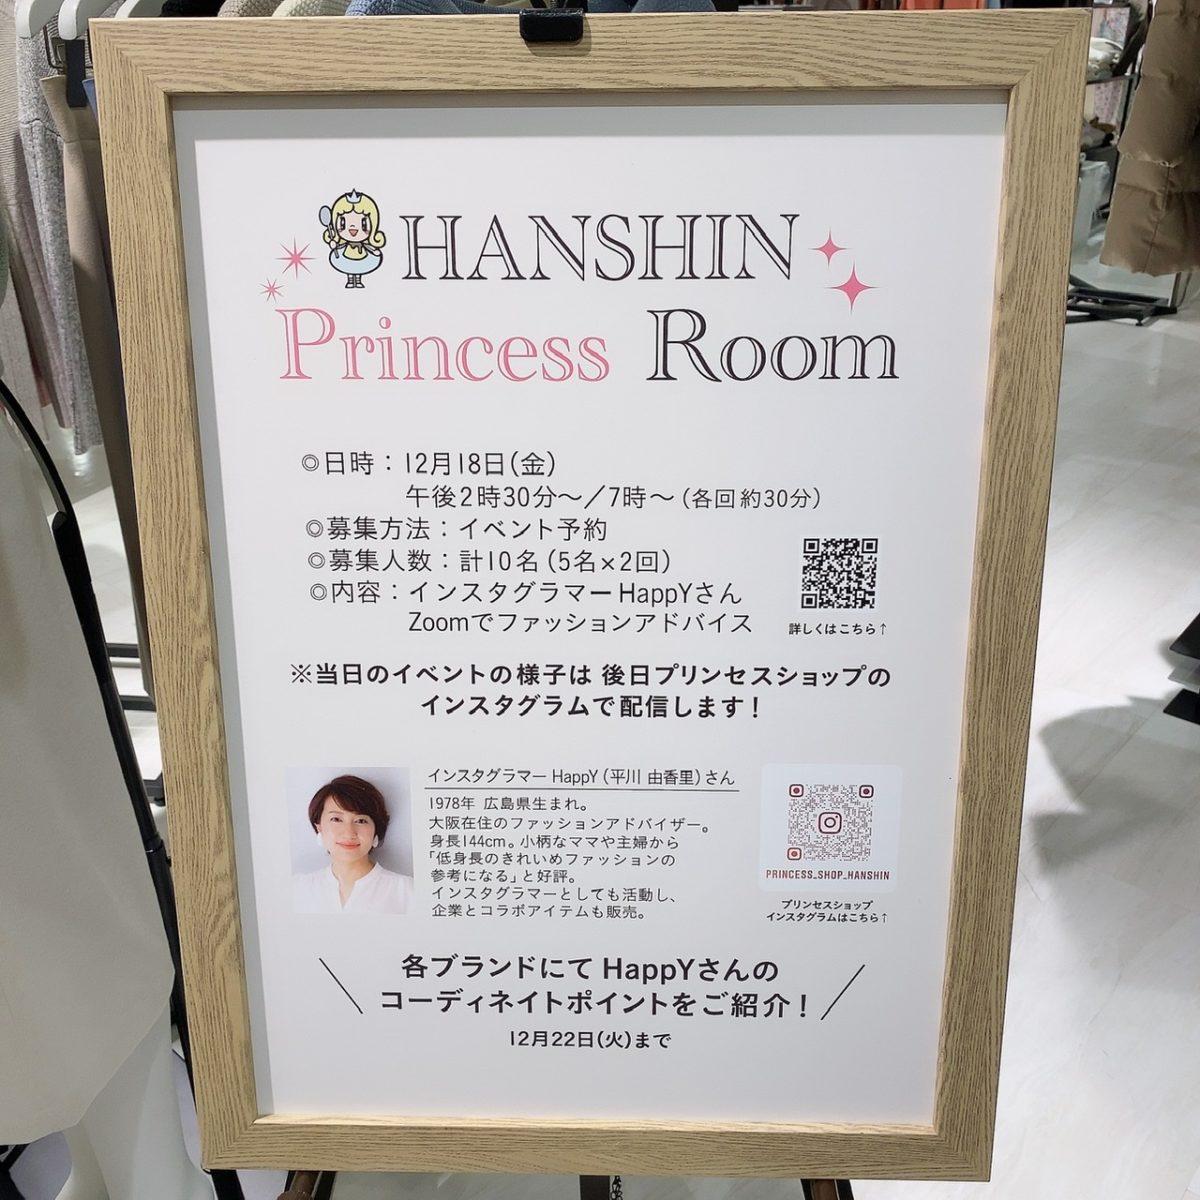 小柄向けイベント阪神百貨店